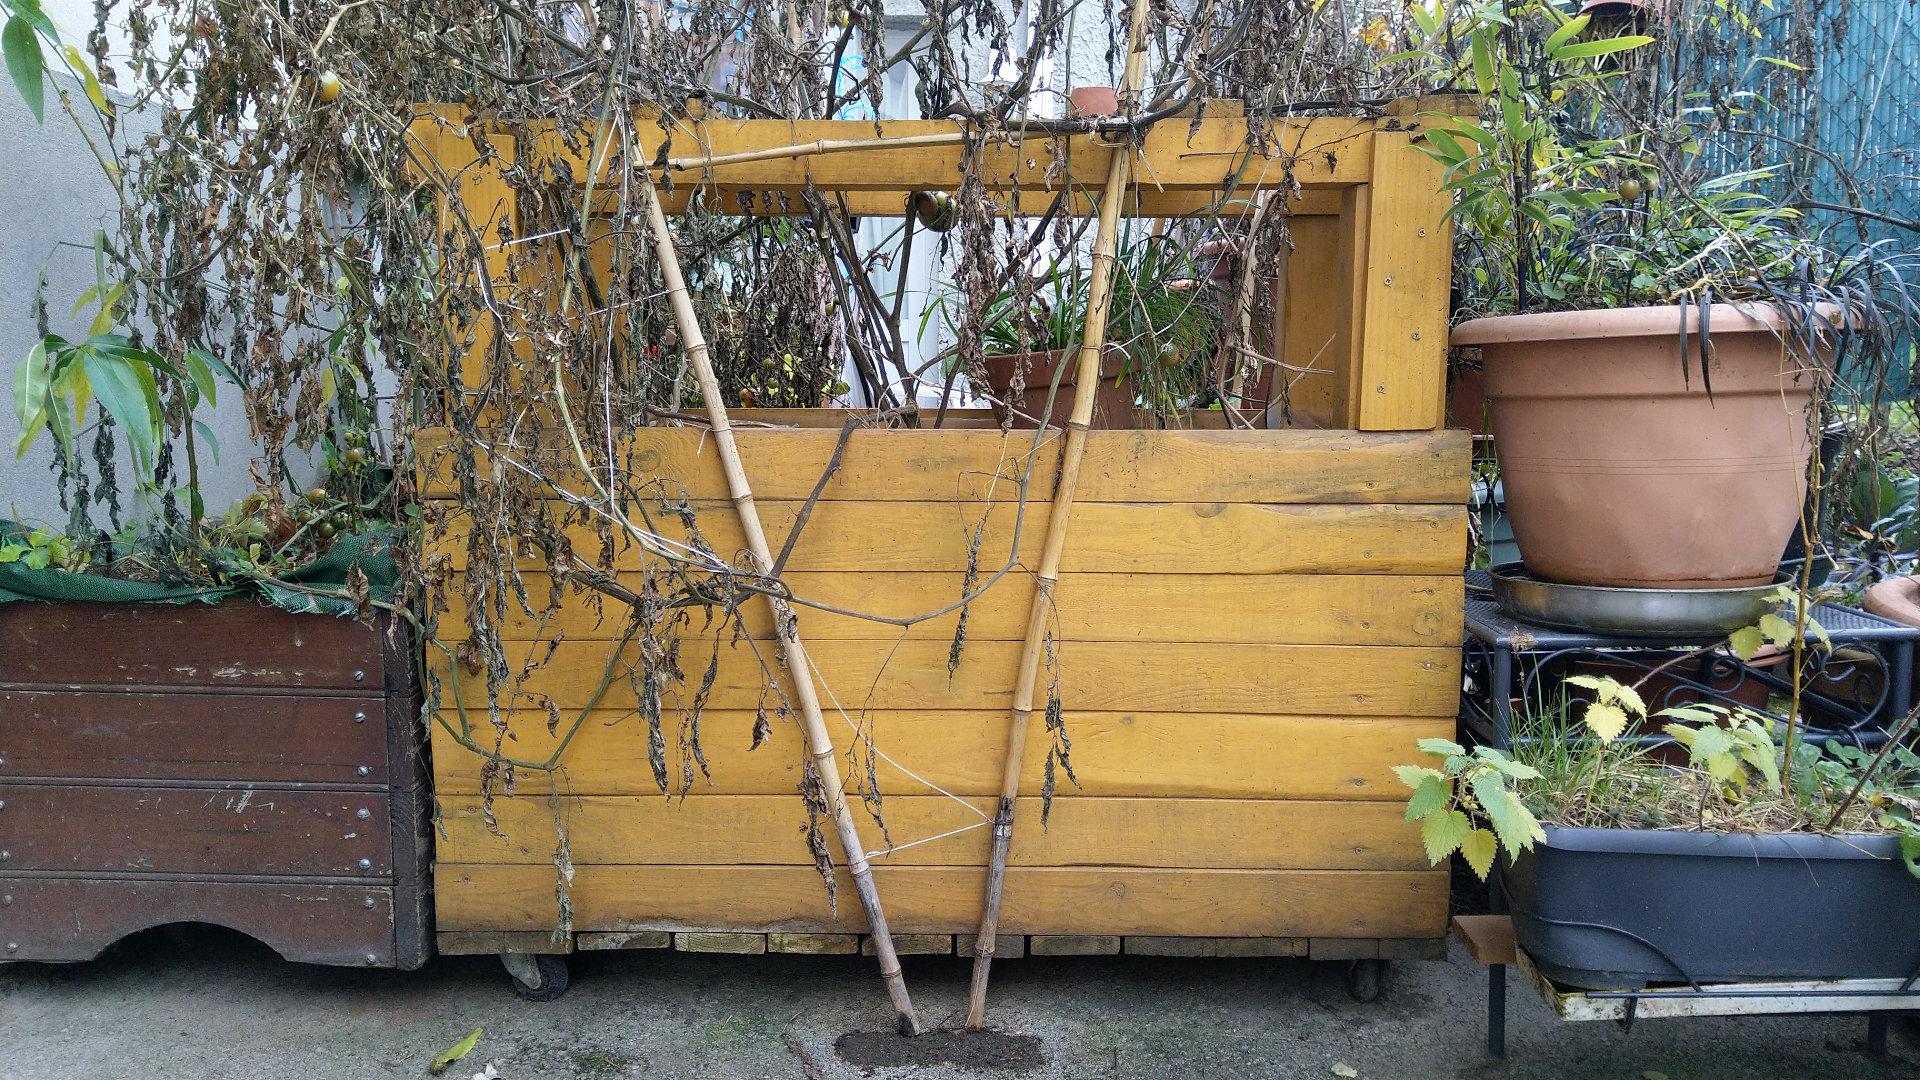 Fabriquer une jardini re ou un bac en bois pour son potager de terrasse les grands principes for Jardiniere en bois pour potager